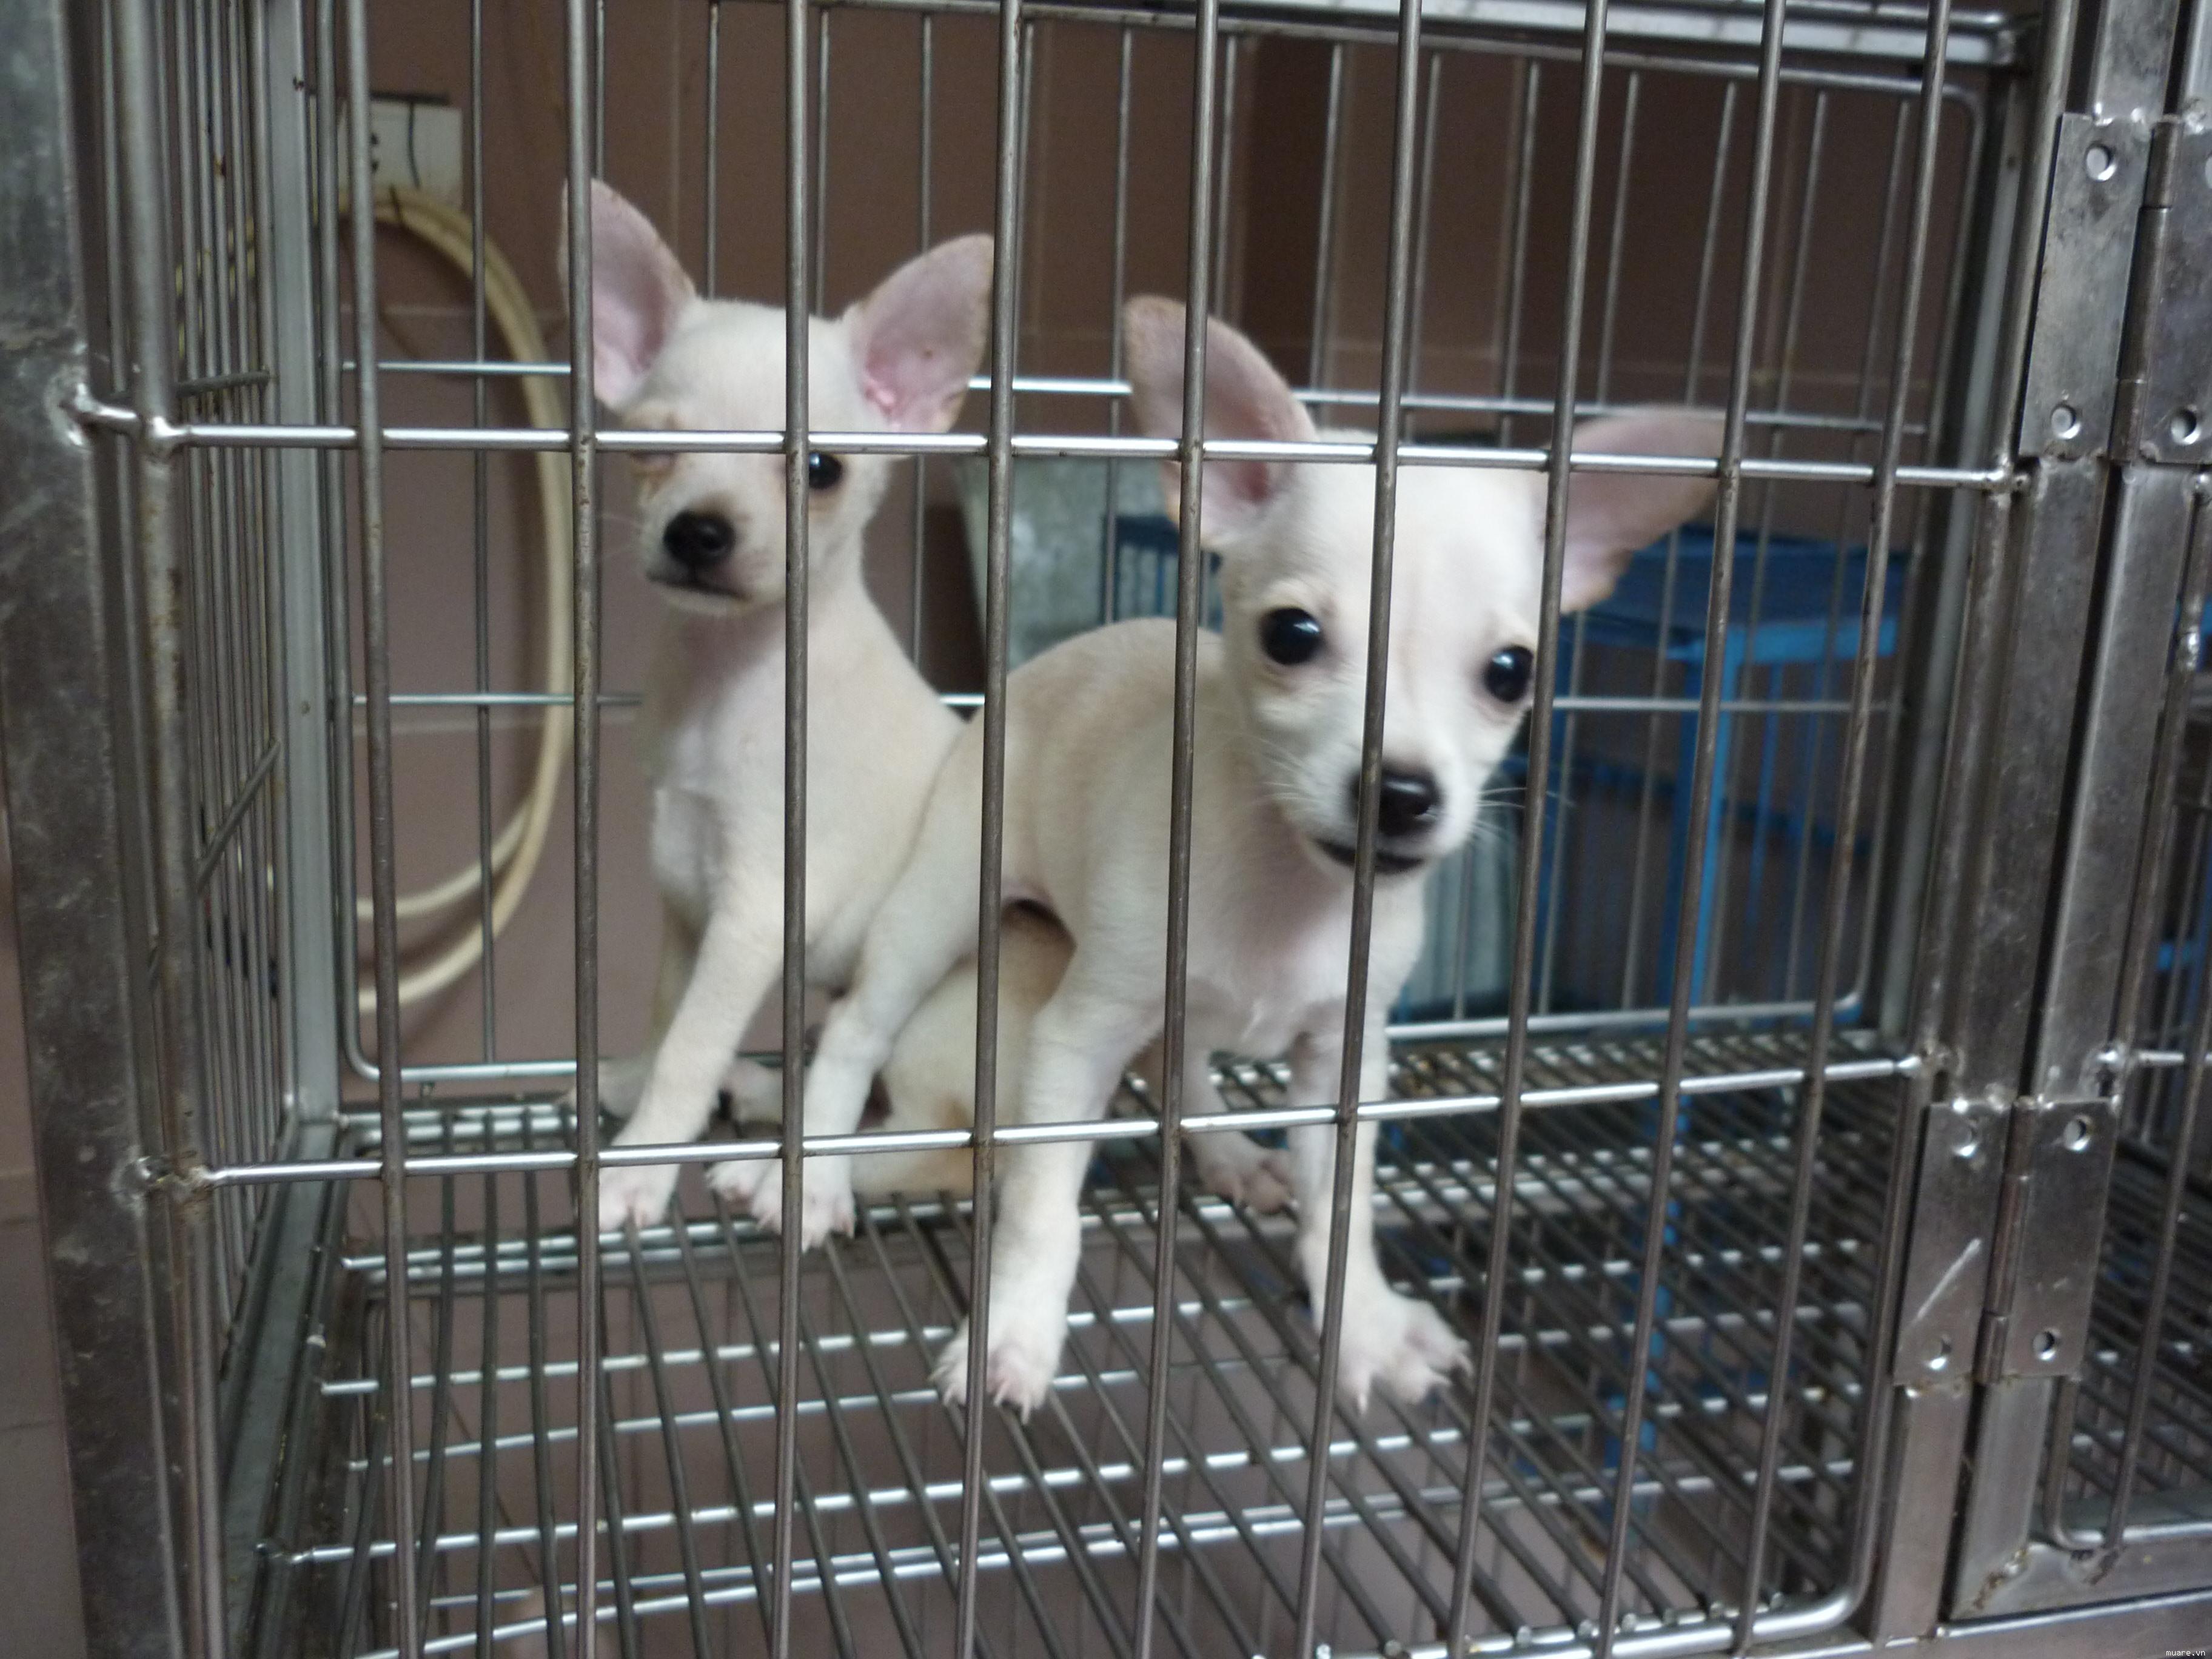 Bán chó phốc Chi hua hua phốc hươu thuần chủng rất đẹp, nhận phối giống chó phốc